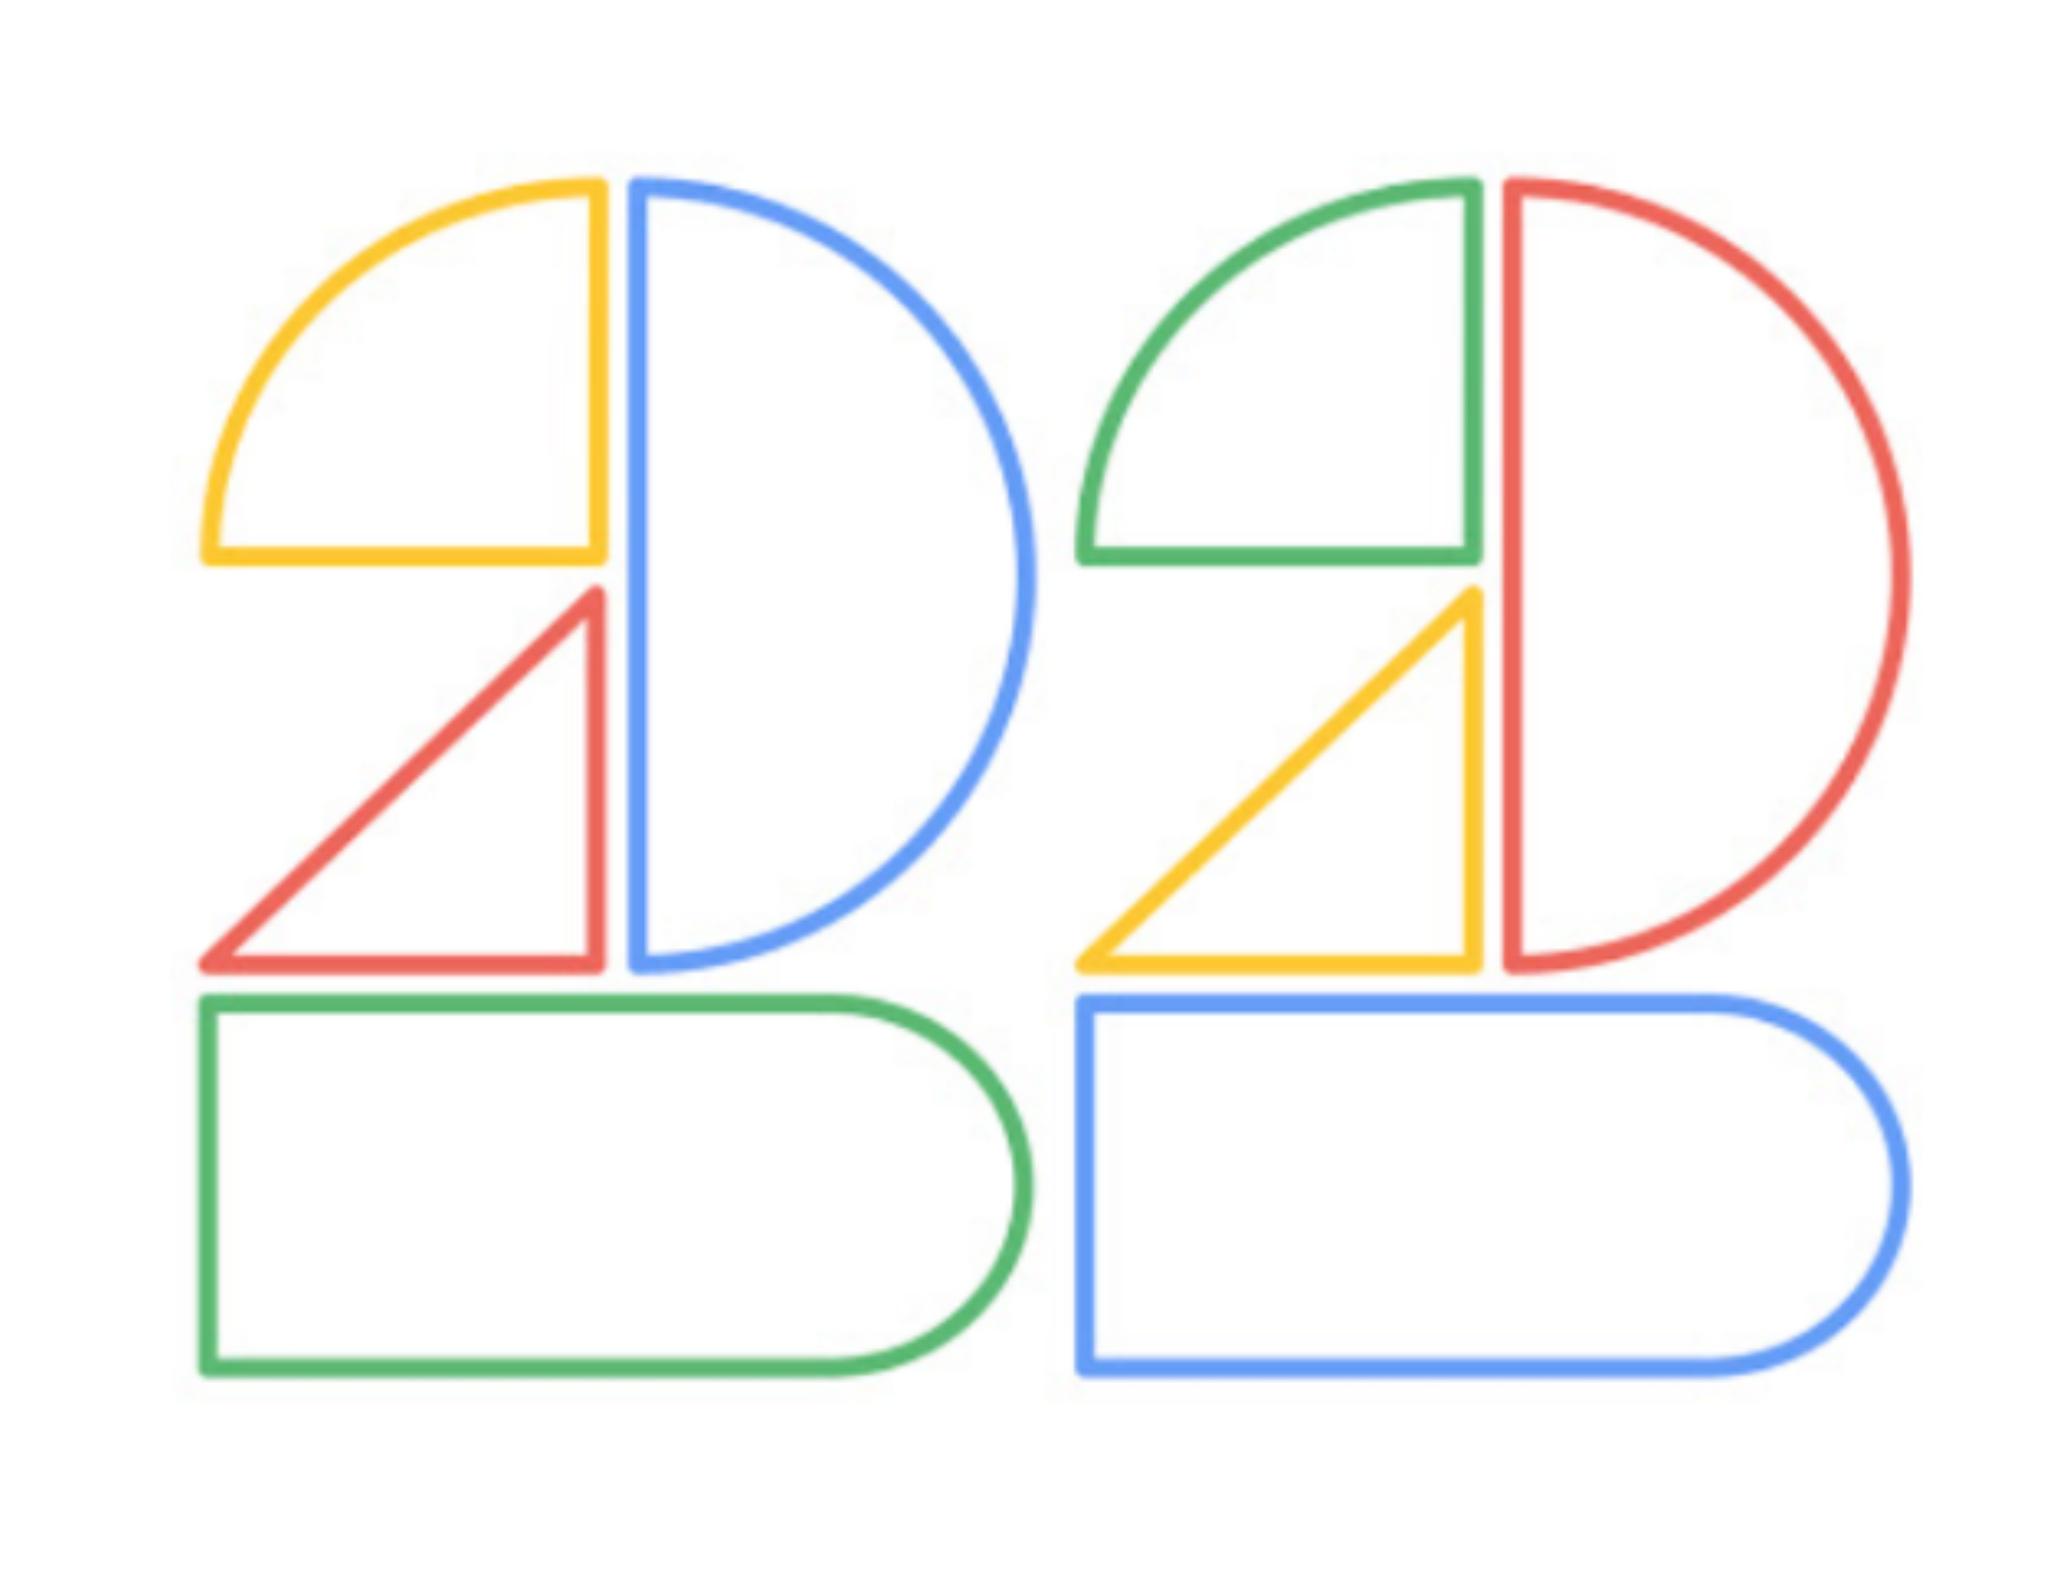 [Google Store] Google wird 22: Zeit zu feiern! - 22% auf diverse Google Produkte, z.B. Google Stadia inkl. Chromecast Ultra für 76,03€